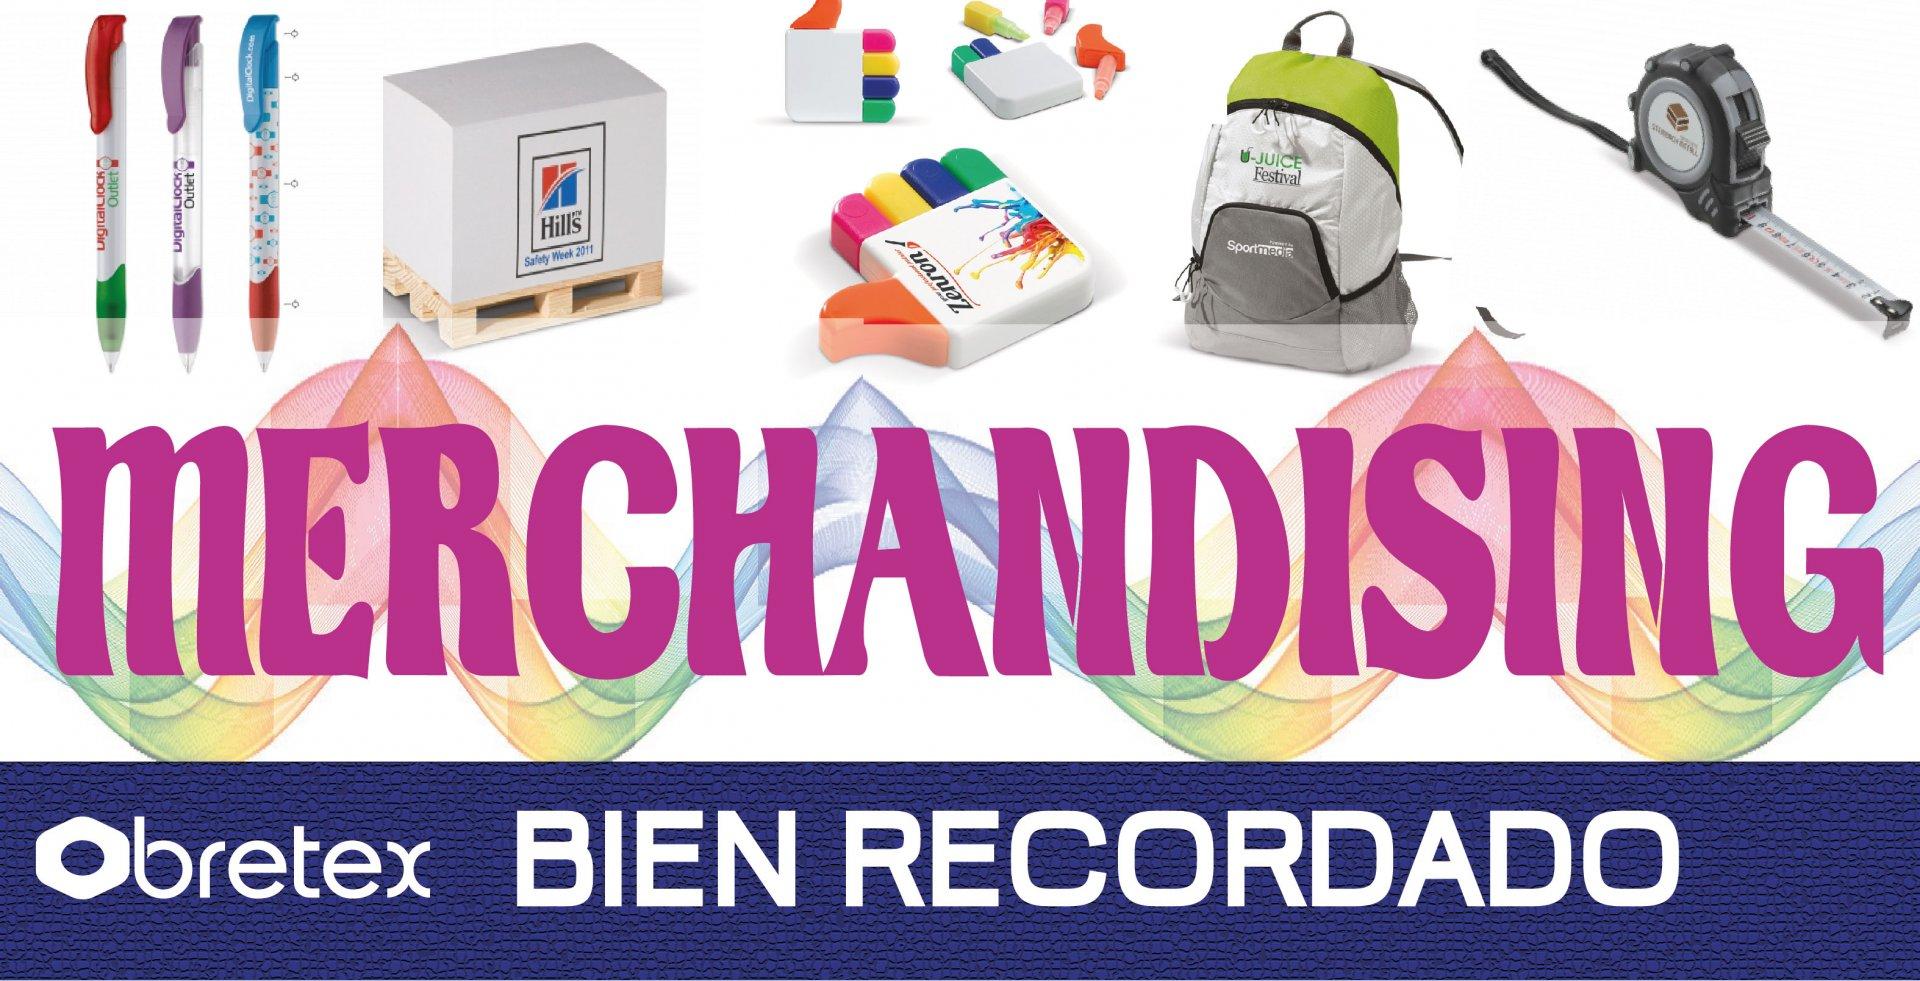 R20  MERCHANDAISING www.obretex.es-01-01.jpg